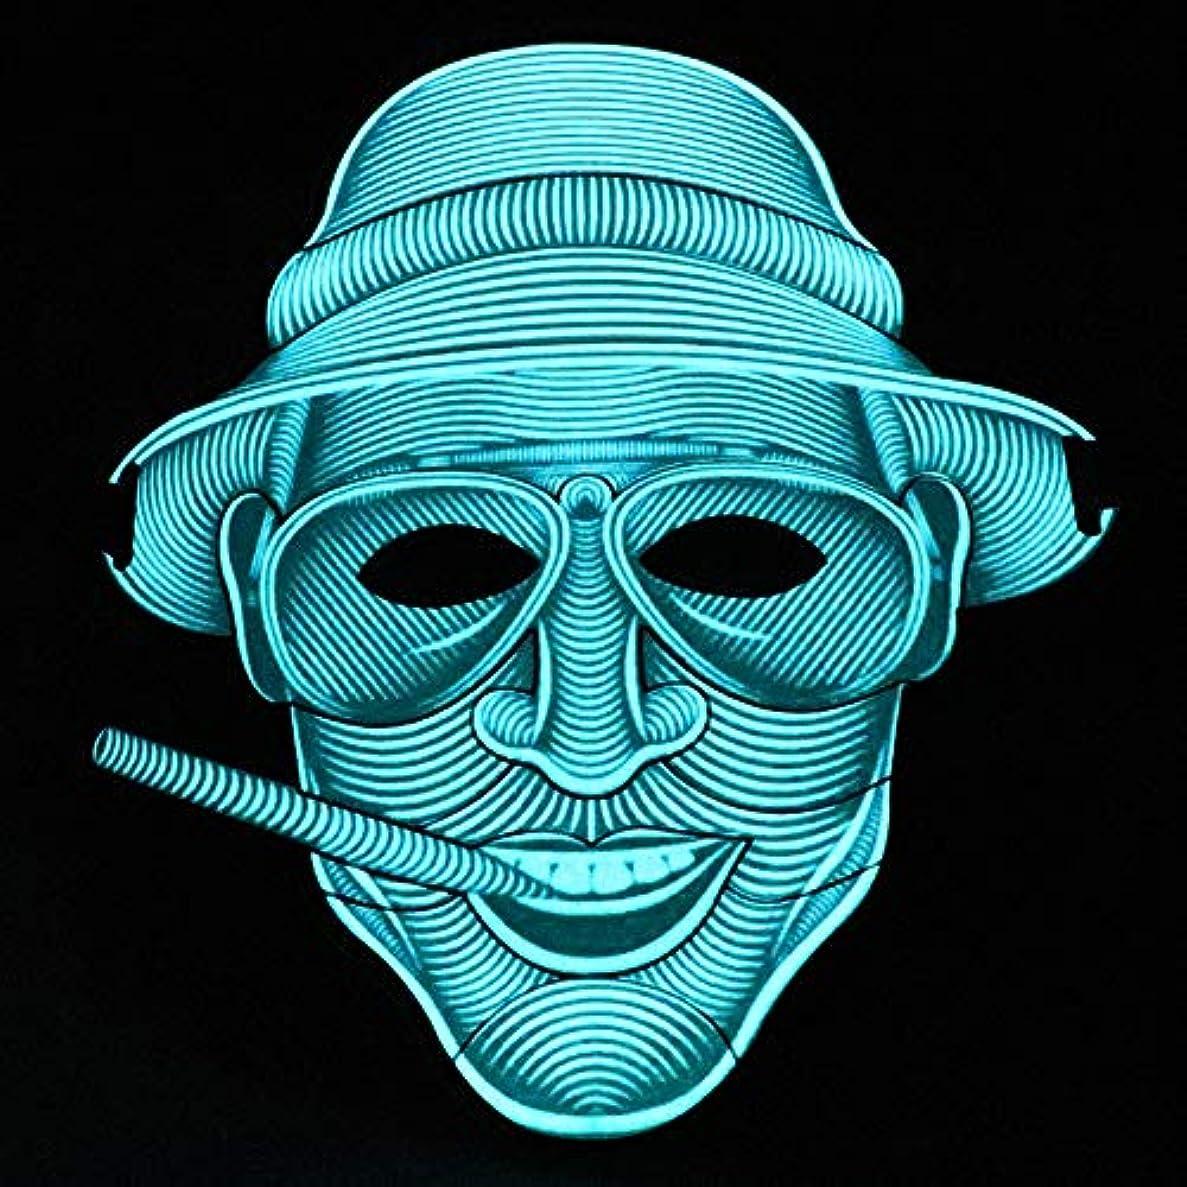 球状バルブオーバードロー照らされたマスクLED創造的な冷光音響制御マスクハロウィンバーフェスティバルダンスマスク (Color : #12)